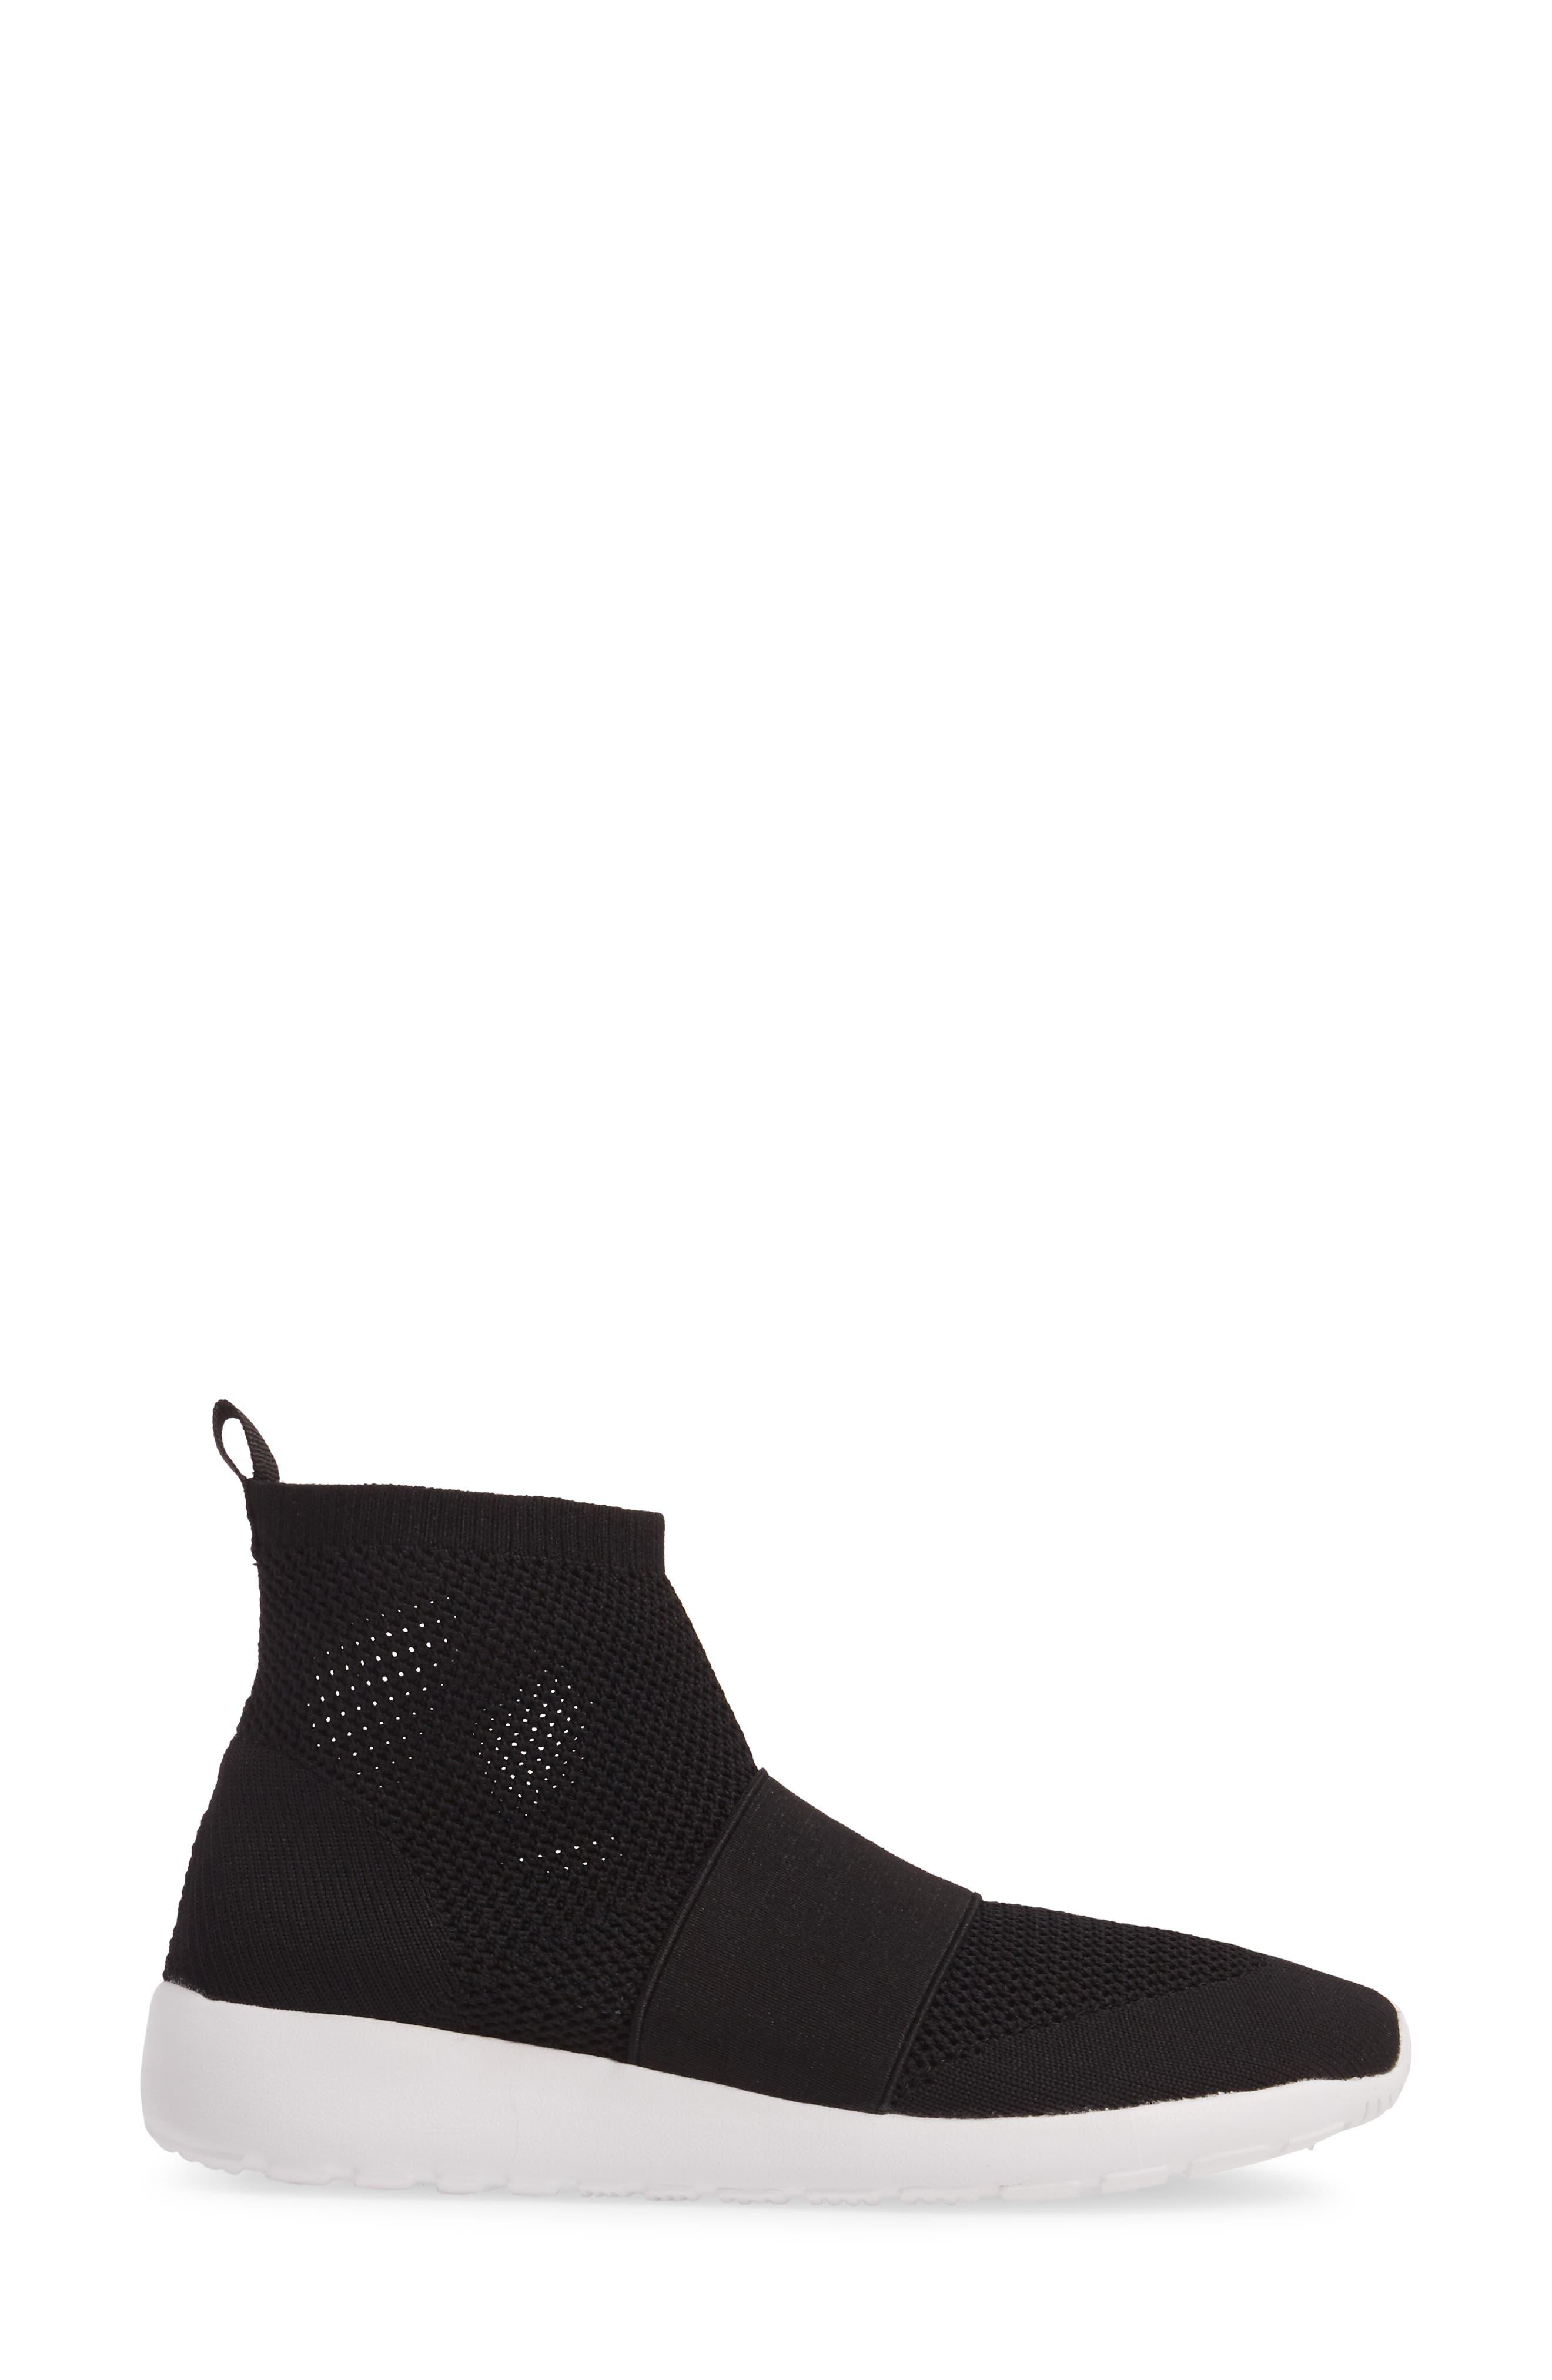 Future Sneaker,                             Alternate thumbnail 3, color,                             001